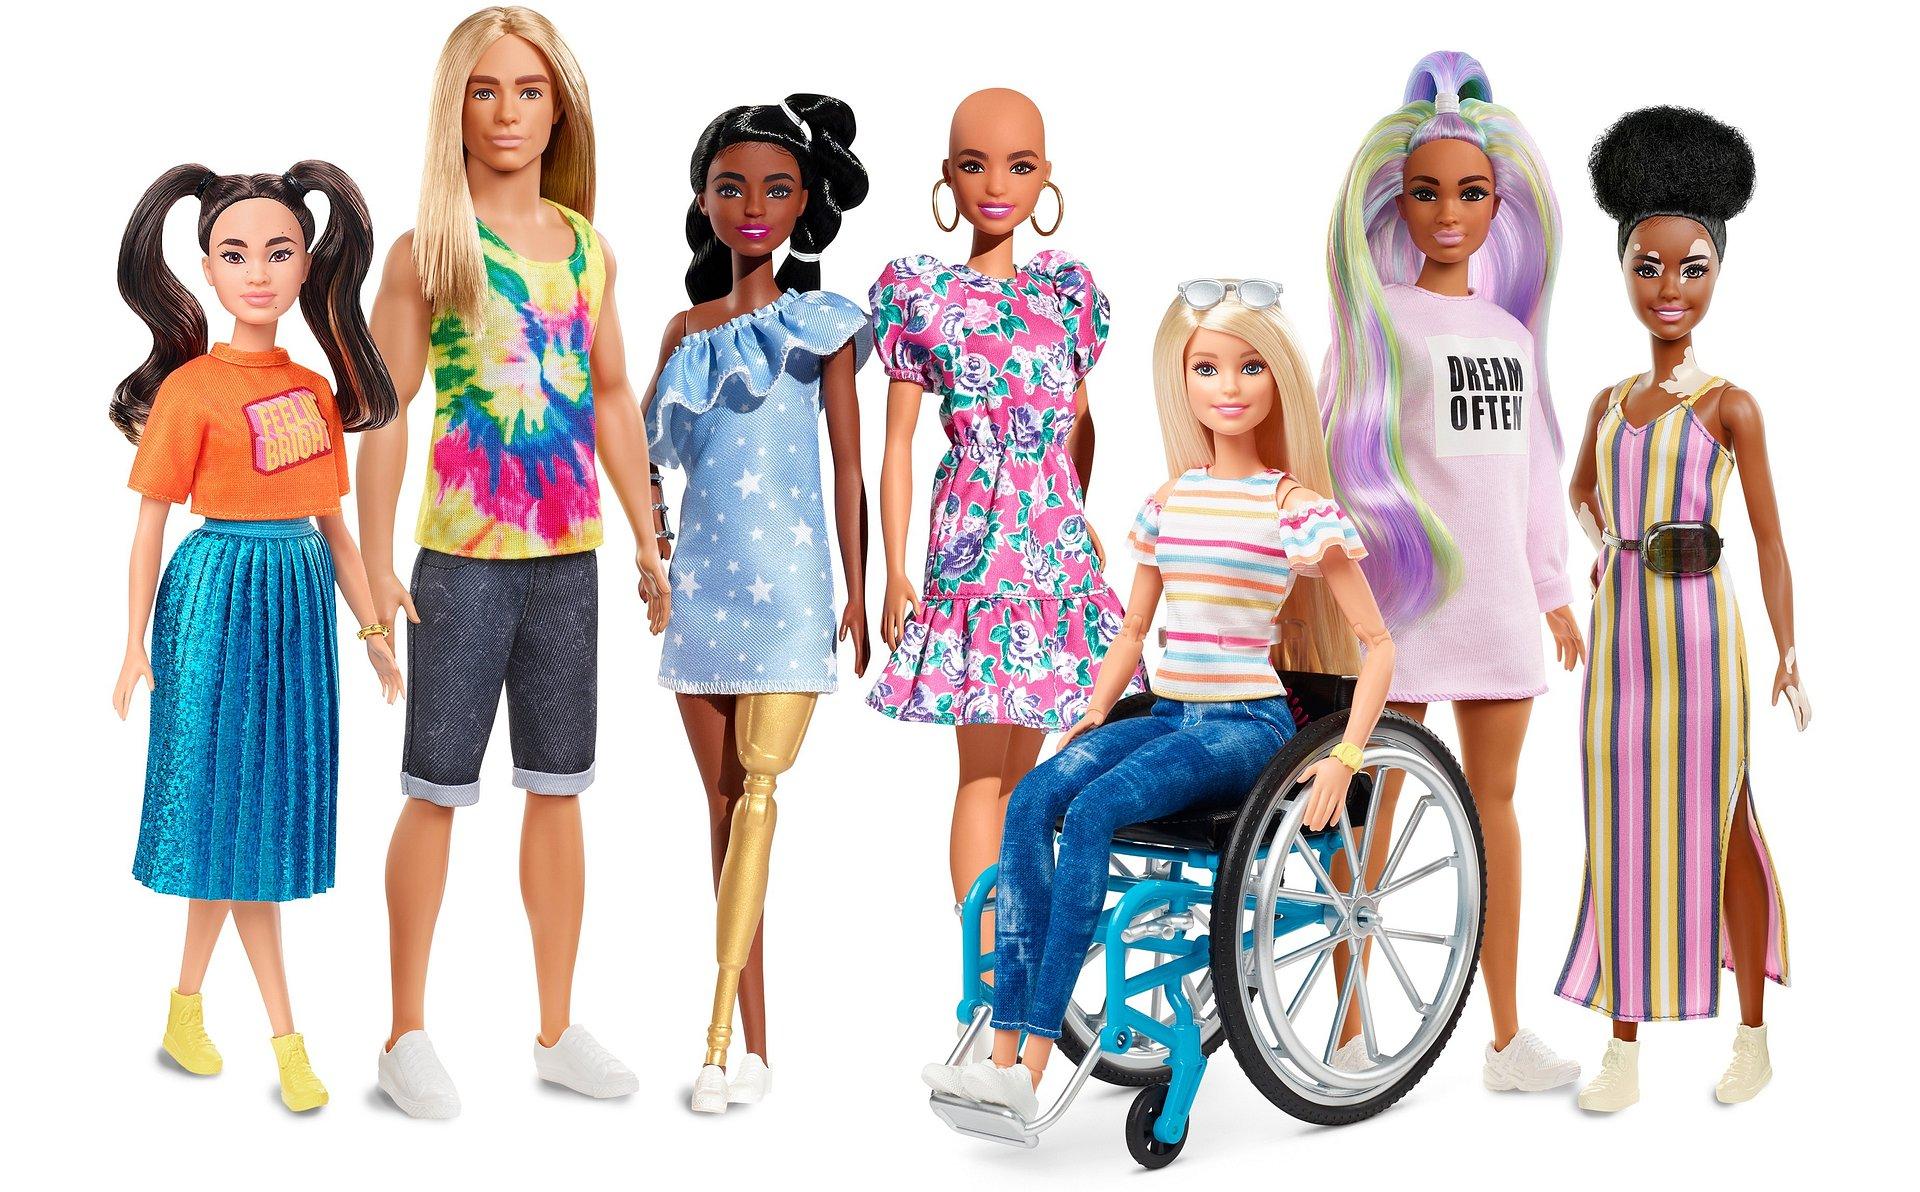 Barbie jeszcze bardziej różnorodna